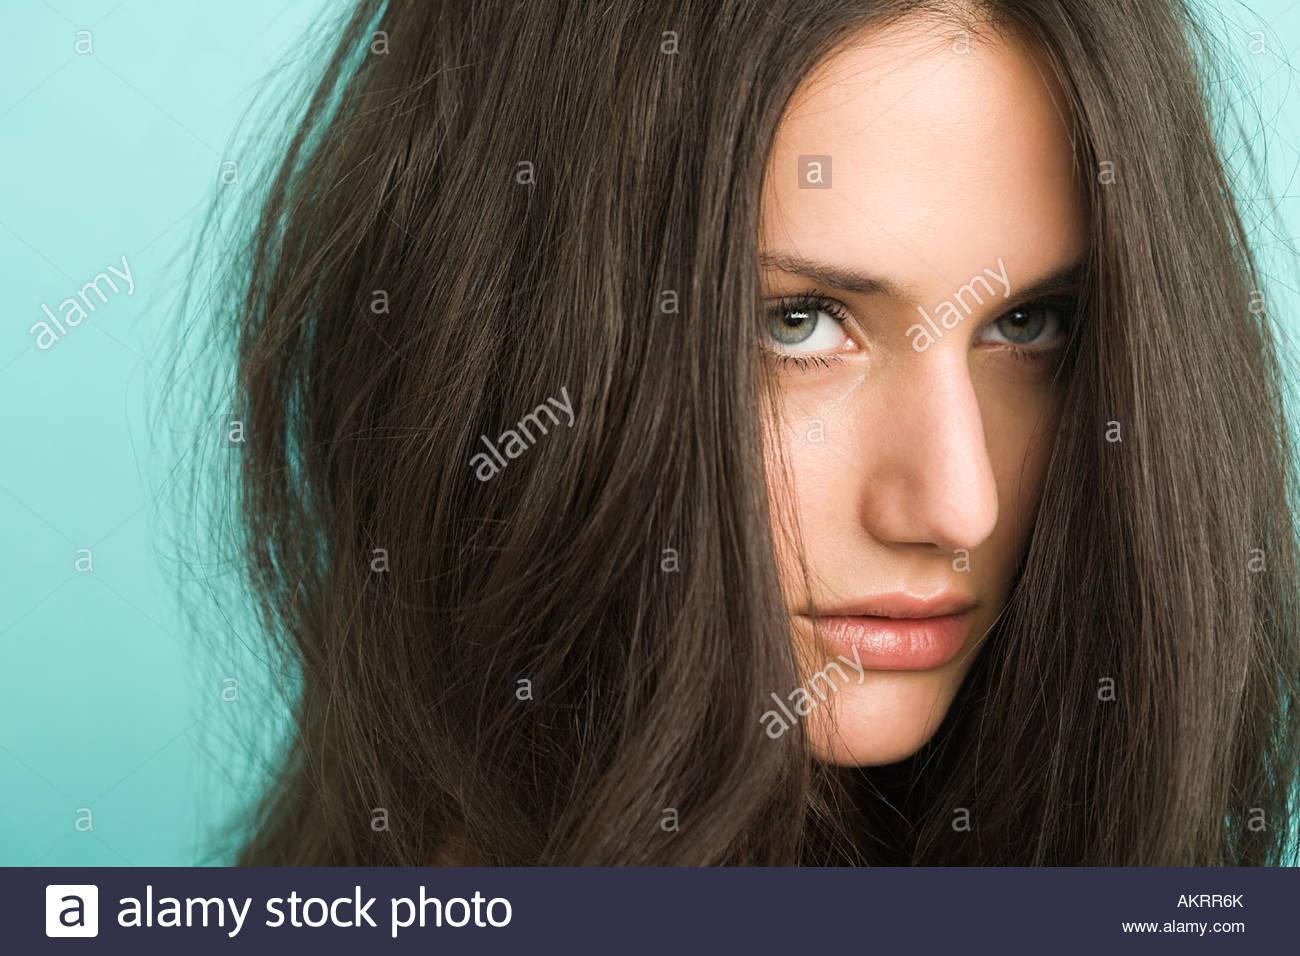 Eine schöne junge Brünette Frau Stockbild